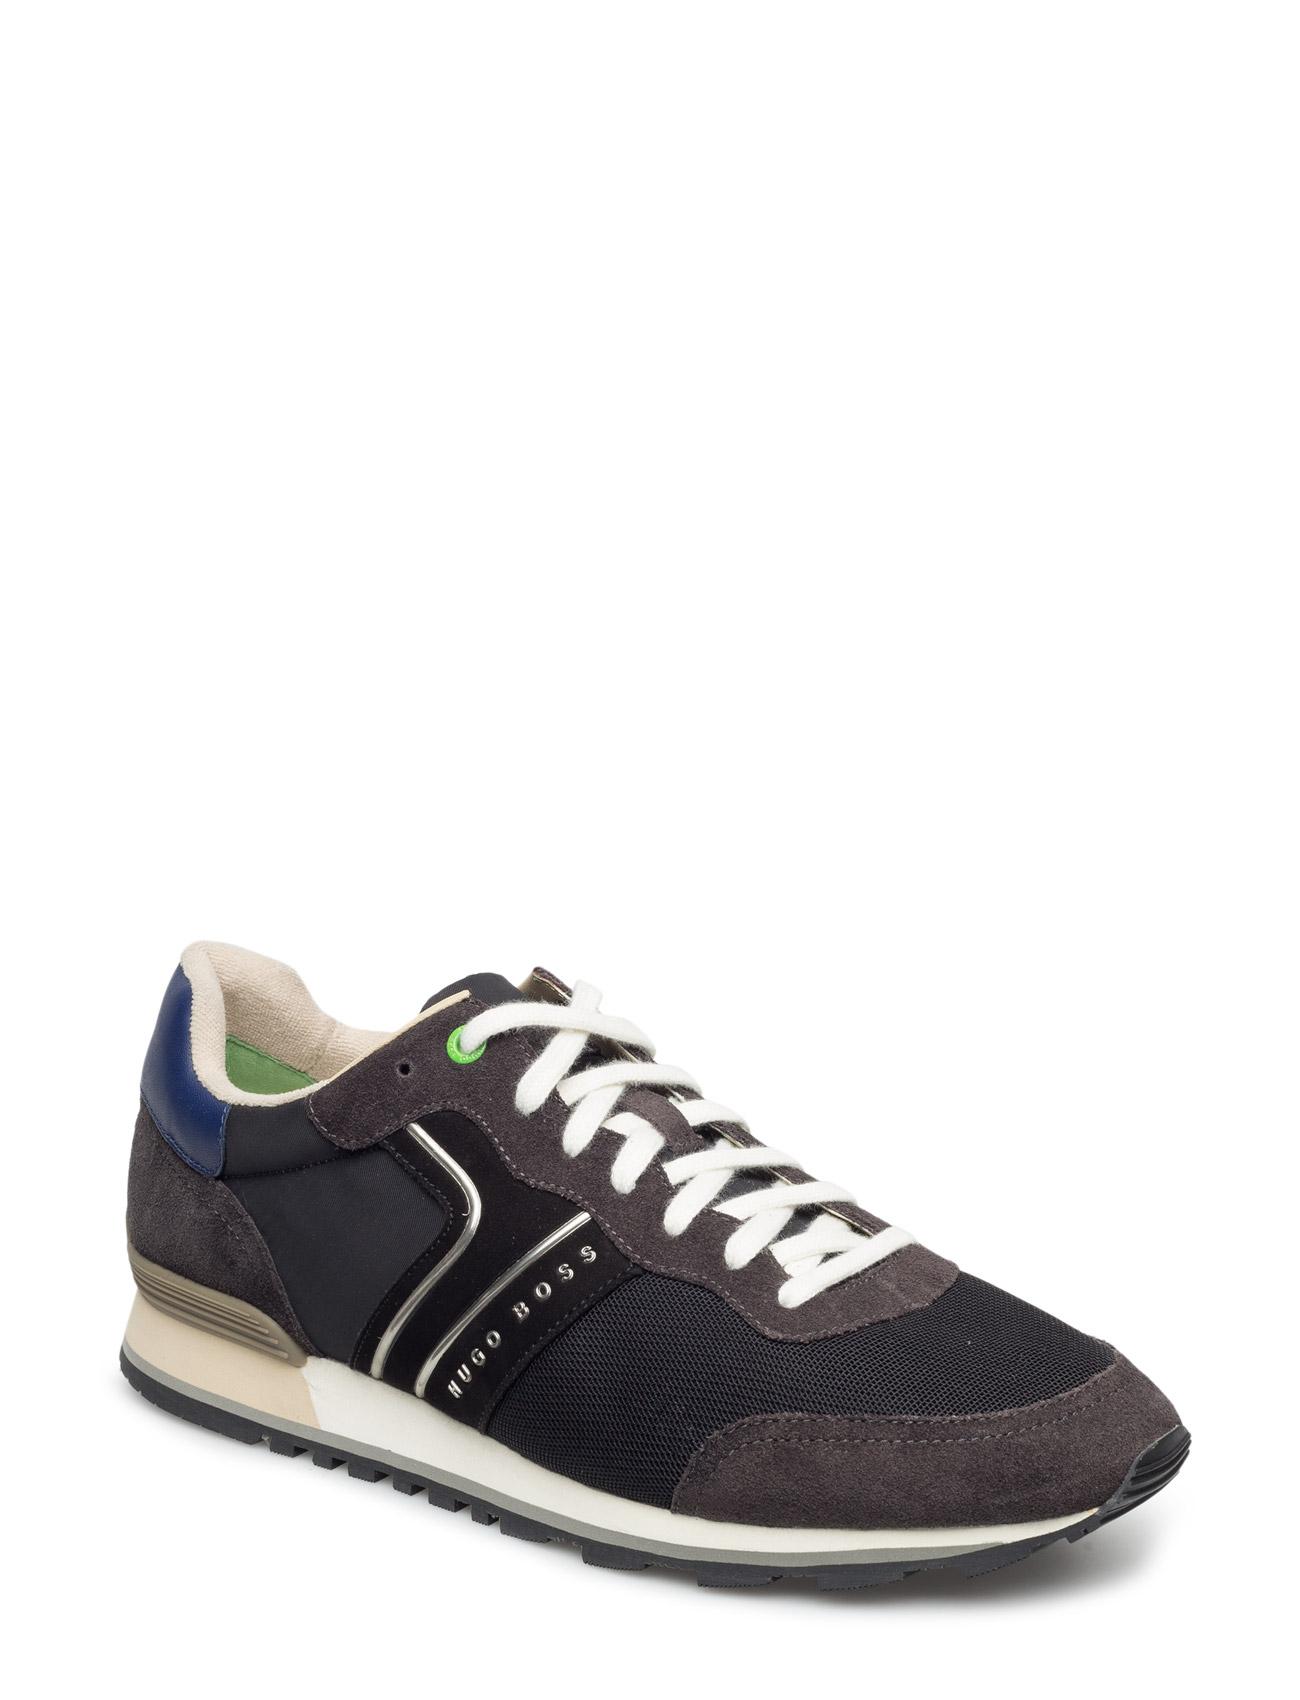 Parkour_runn_nymx BOSS GREEN Sneakers til Mænd i Sort